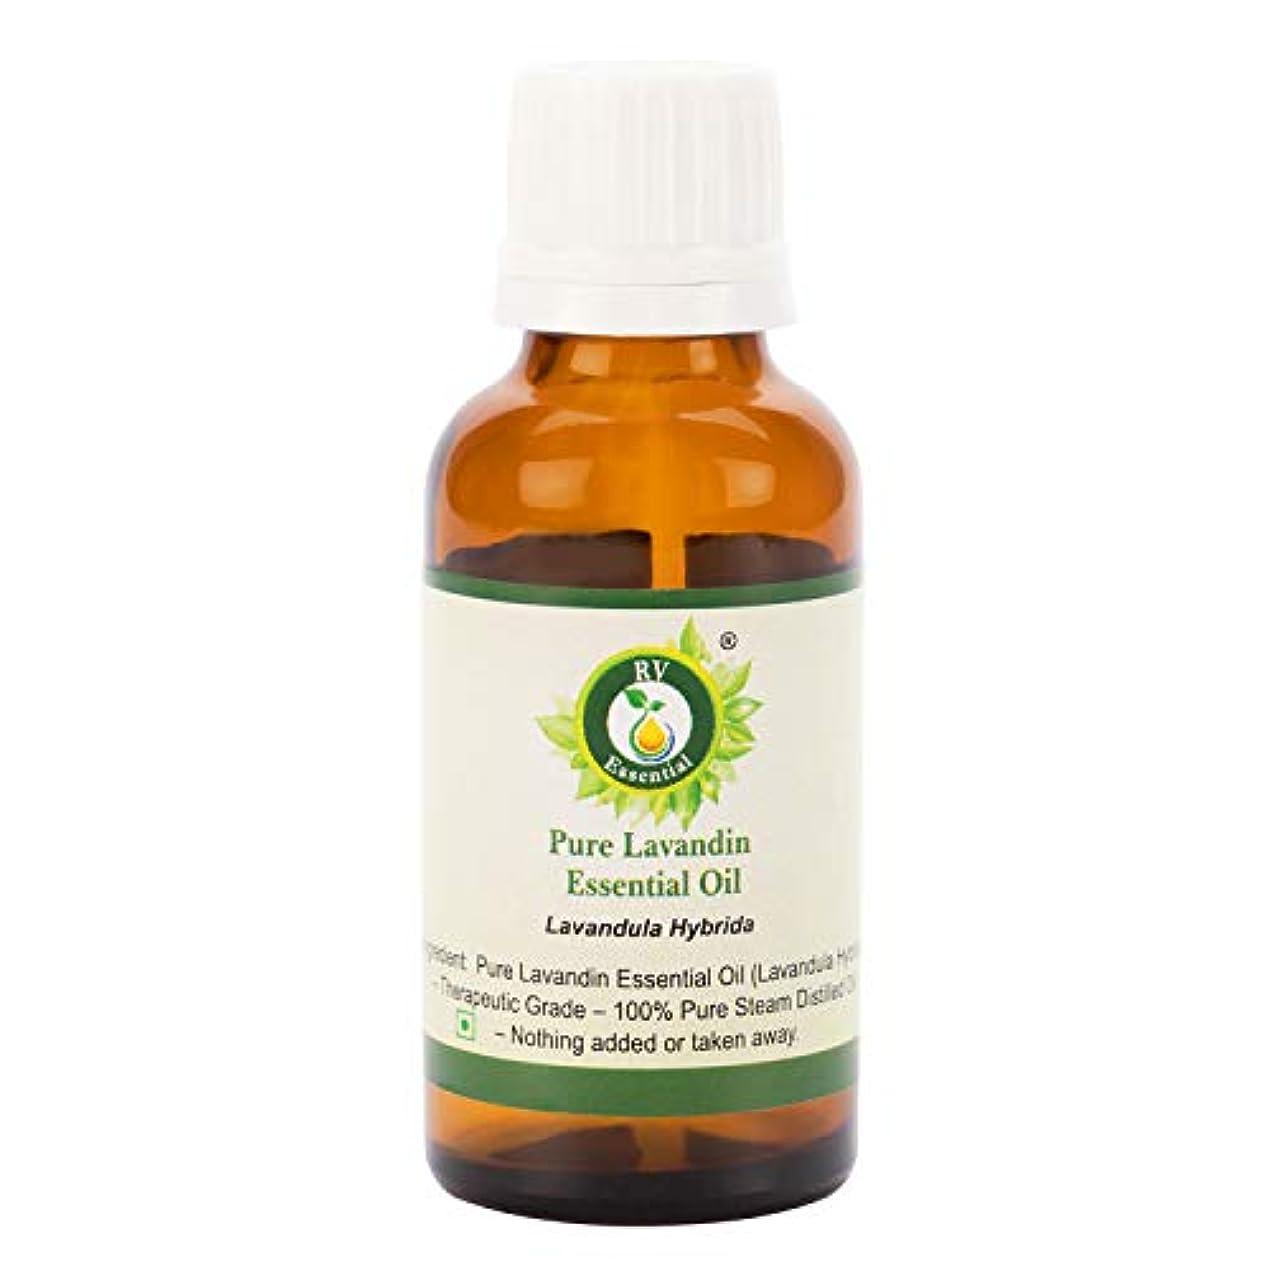 シネウィ無法者スペイン語ピュアLavandinエッセンシャルオイル300ml (10oz)- Lavandula Hybrida (100%純粋&天然スチームDistilled) Pure Lavandin Essential Oil